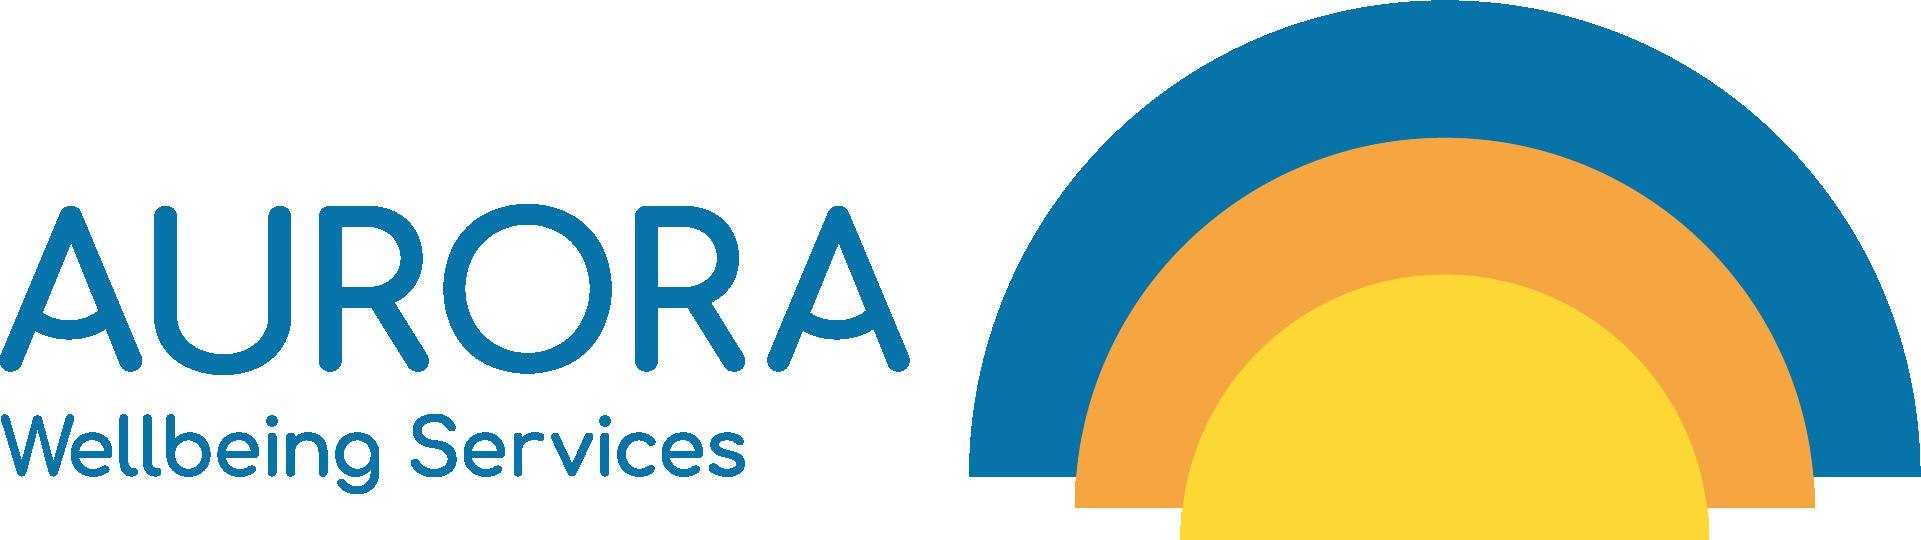 Aurora Wellbeing Services